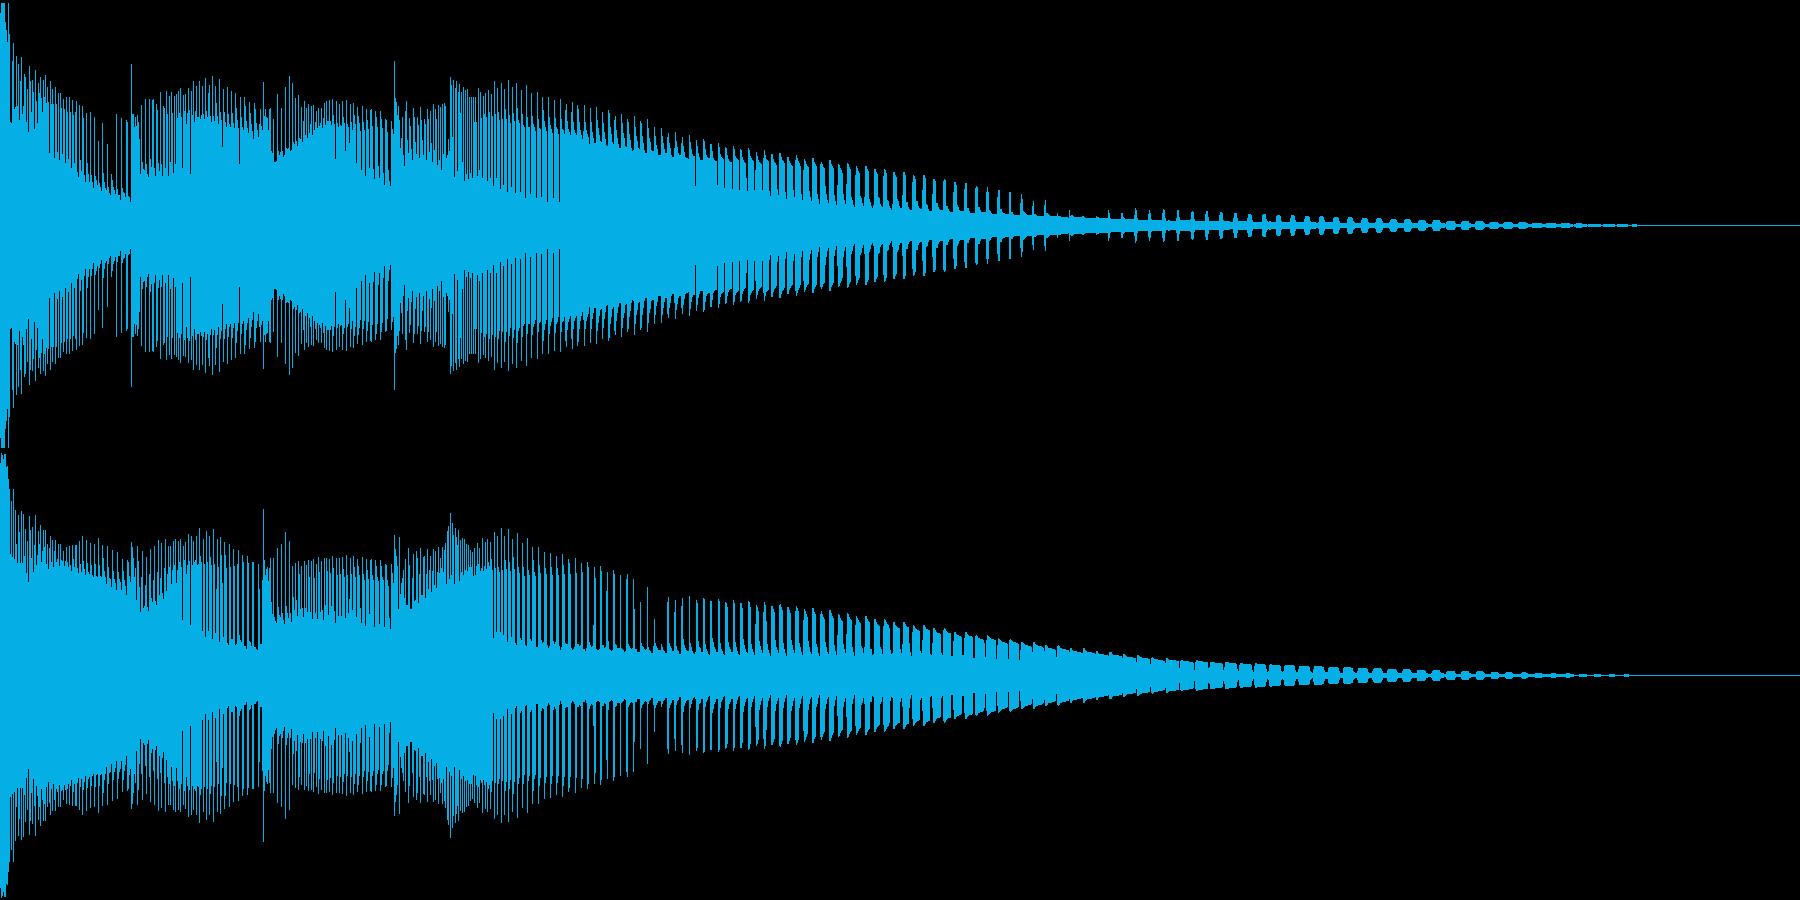 Henteko 可愛いクラッシュ音 5の再生済みの波形